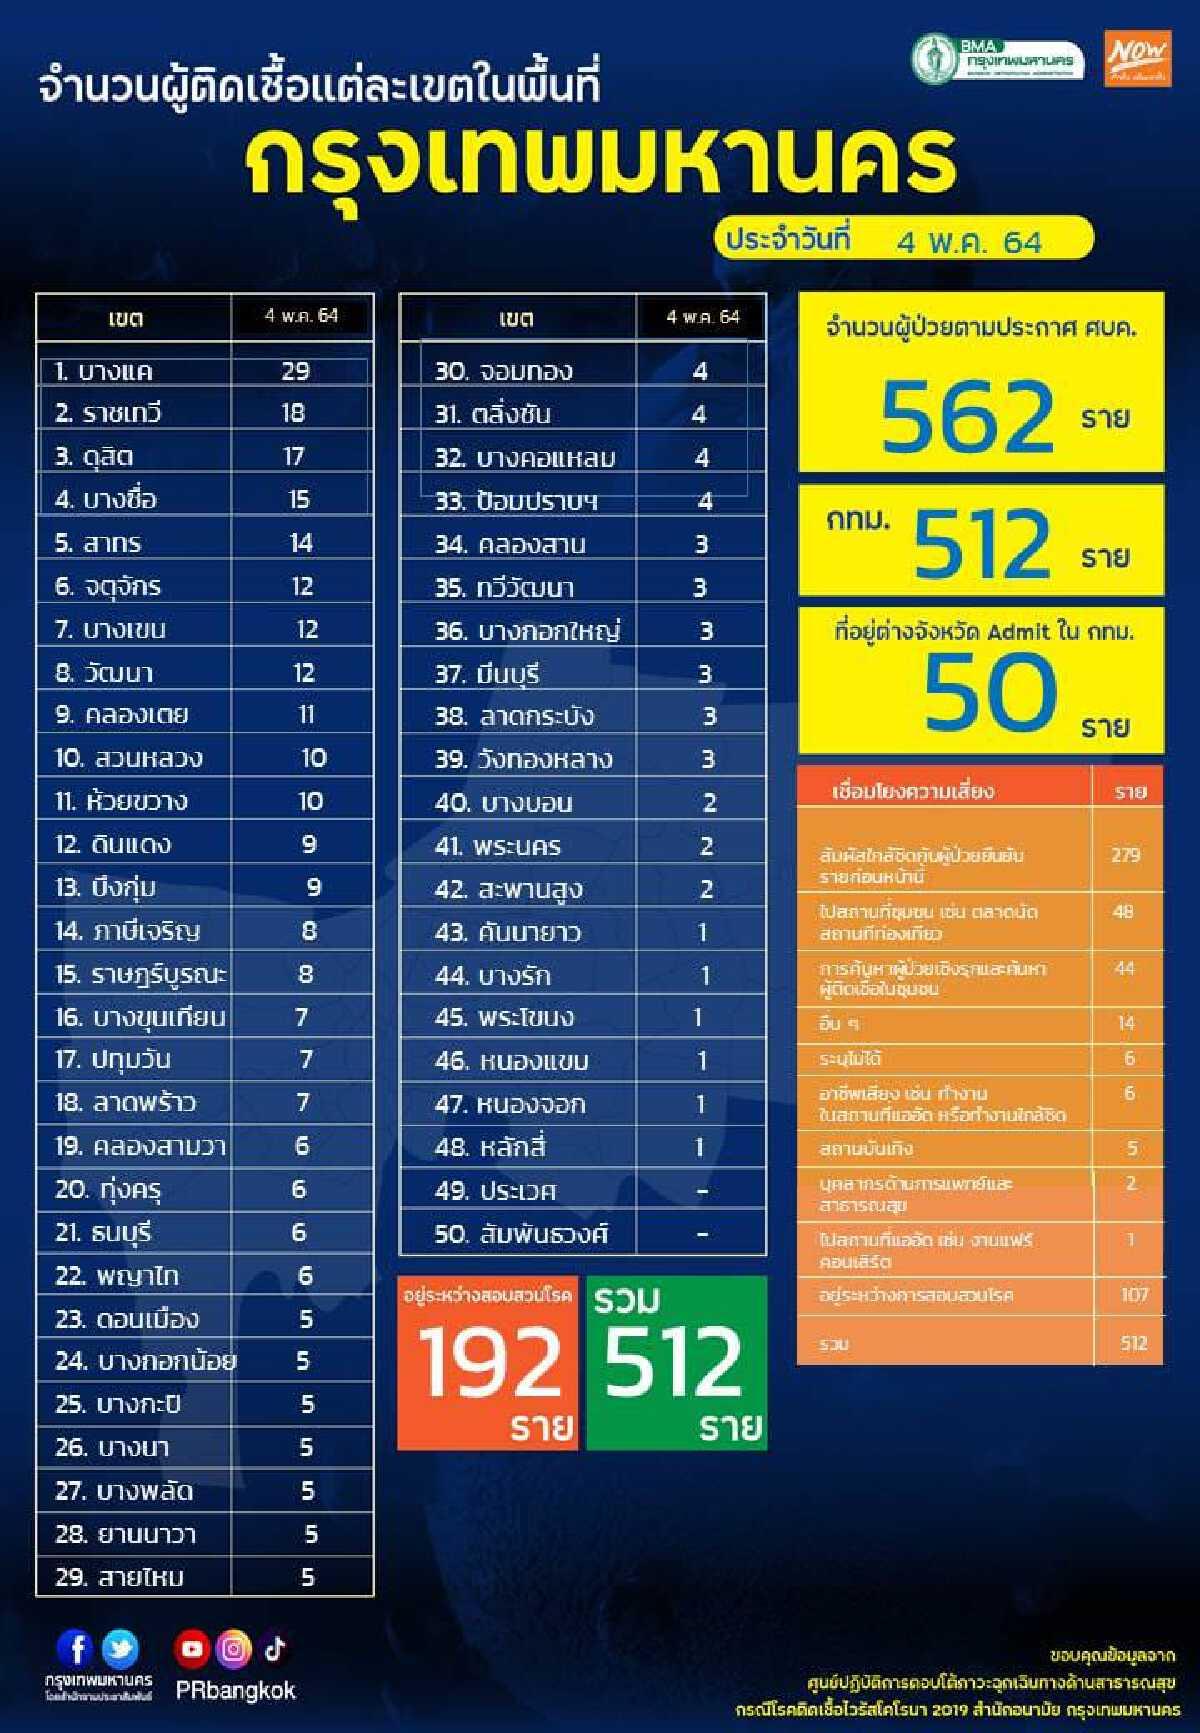 เช็กเลย 48 เขตกรุงเทพฯ ที่มีผู้ป่วยโควิด-19 และแถวไหนติดเชื้อเยอะสุด